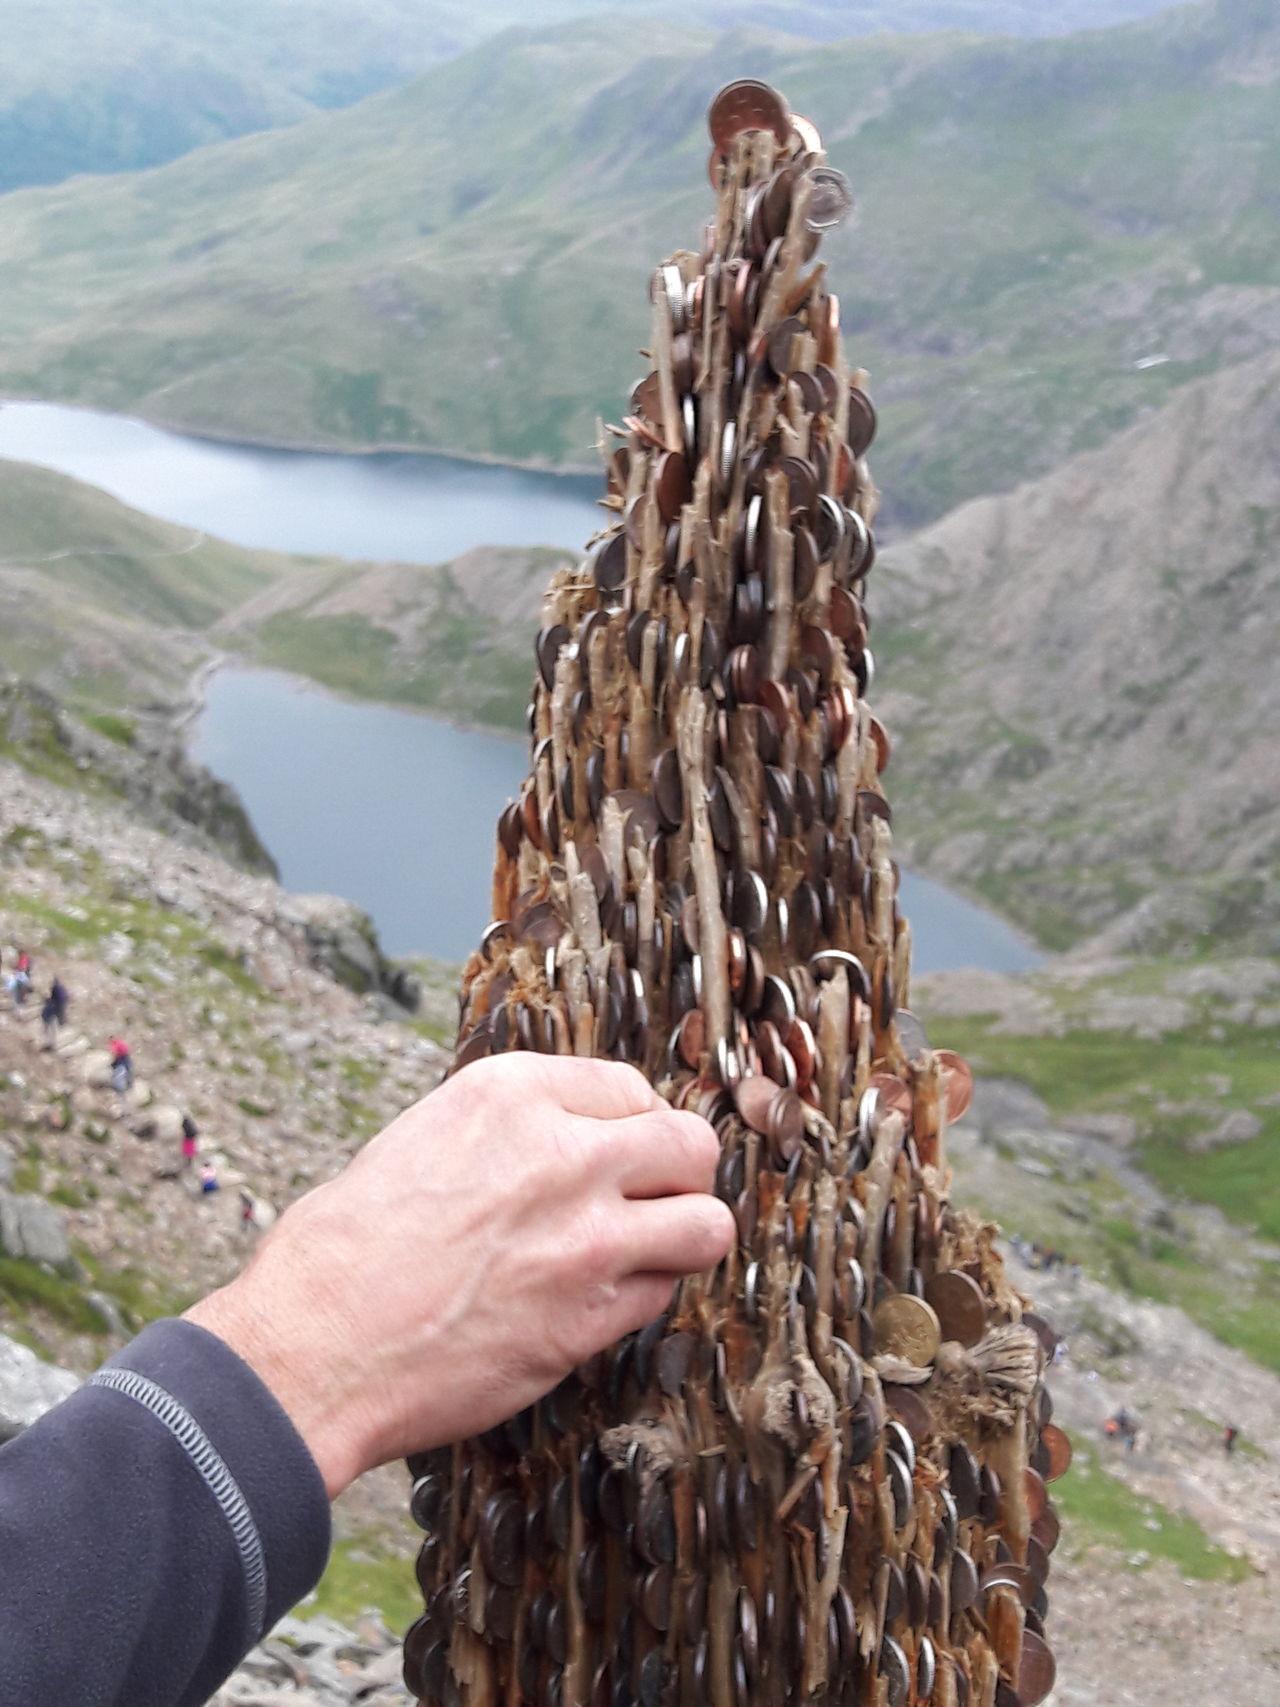 PennyPost Snowdon Snowdonia Snowdonia National Park Mauntain Lakes Mountains Lakes  Climbing at Wales Wales UK United Kingdom